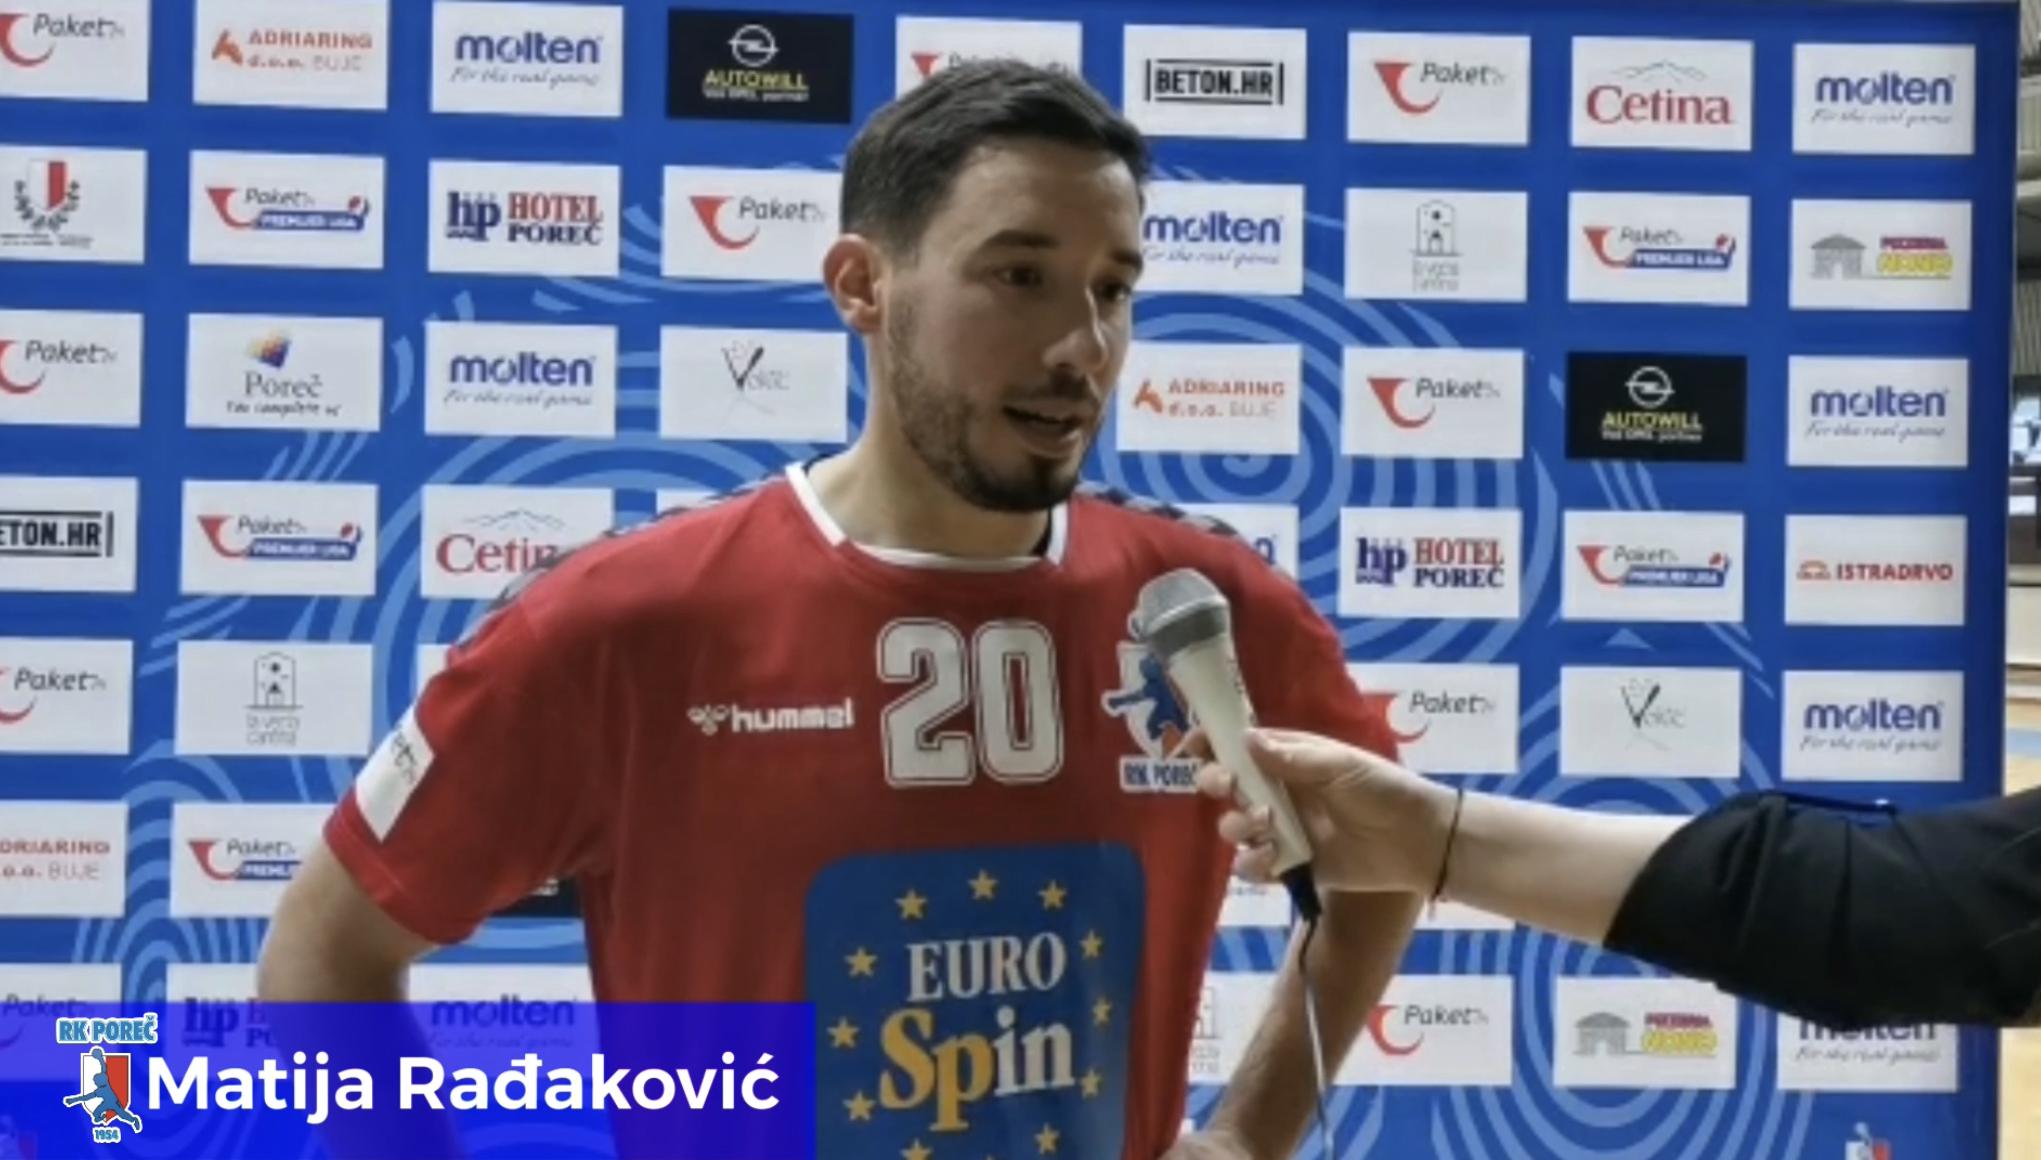 [Sažetak] 15. kolo Paket24 Premijer liga: Poreč-Gorica